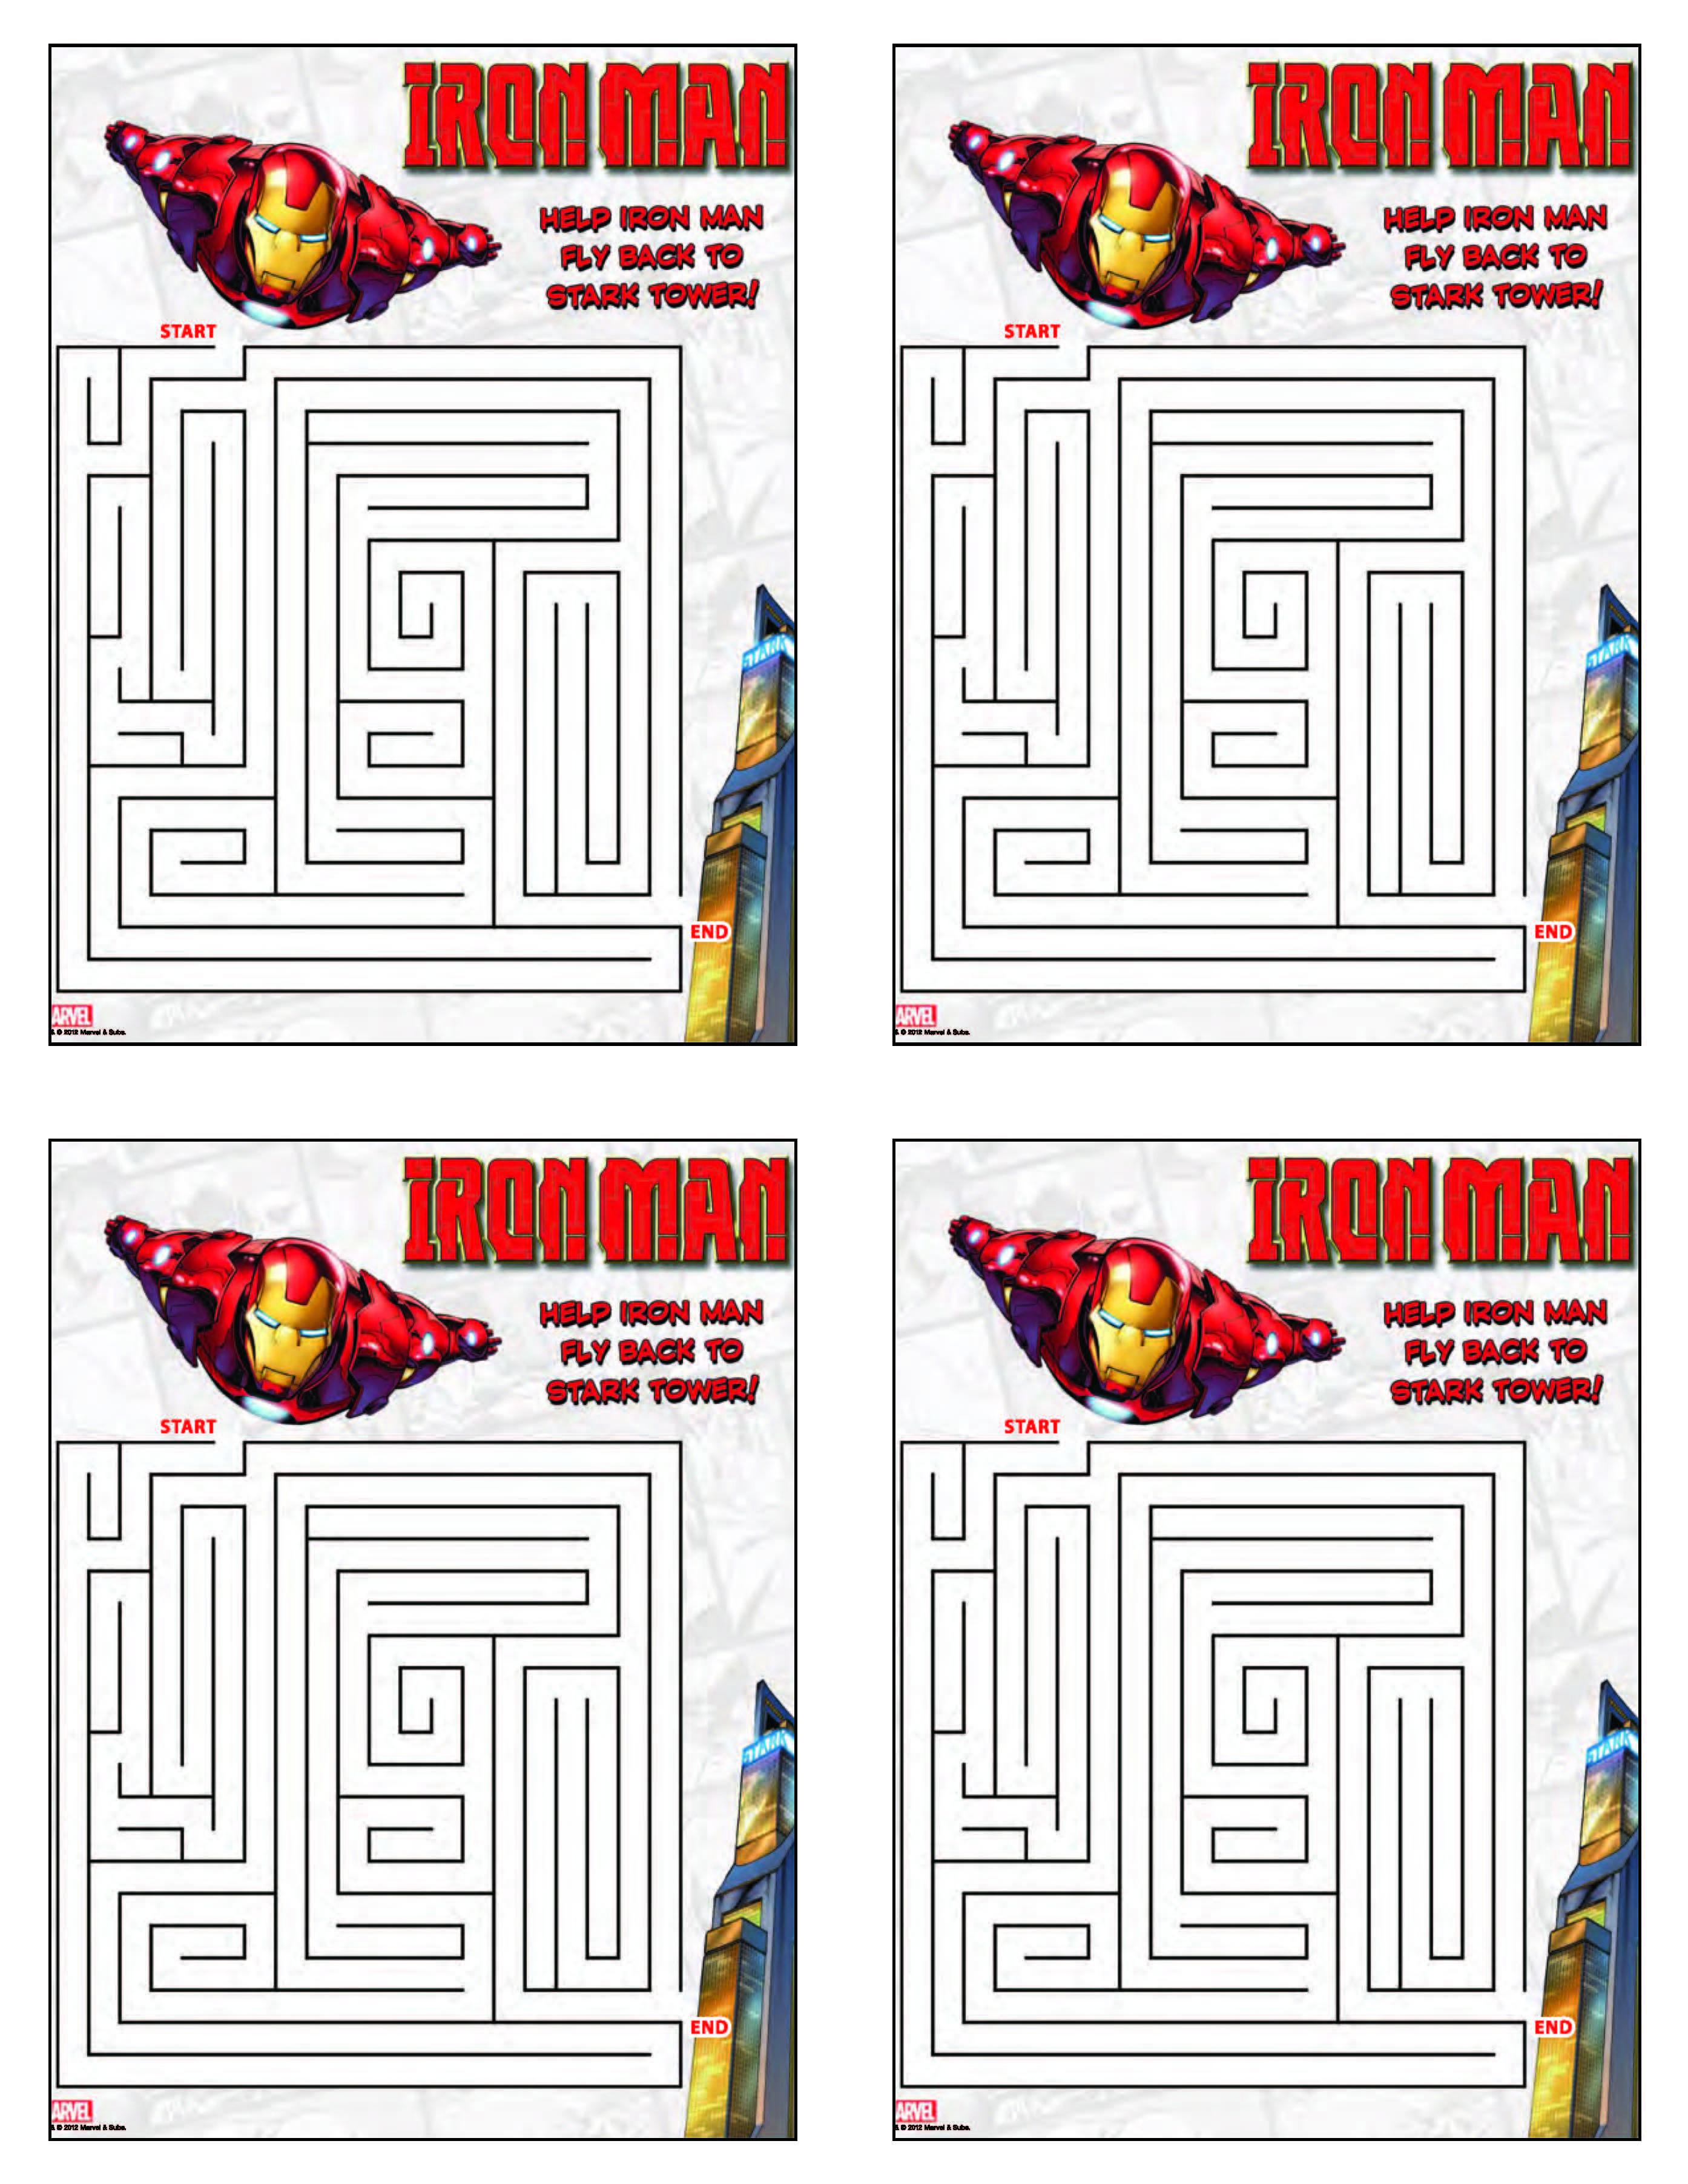 Iron Man Maze From Free Printable